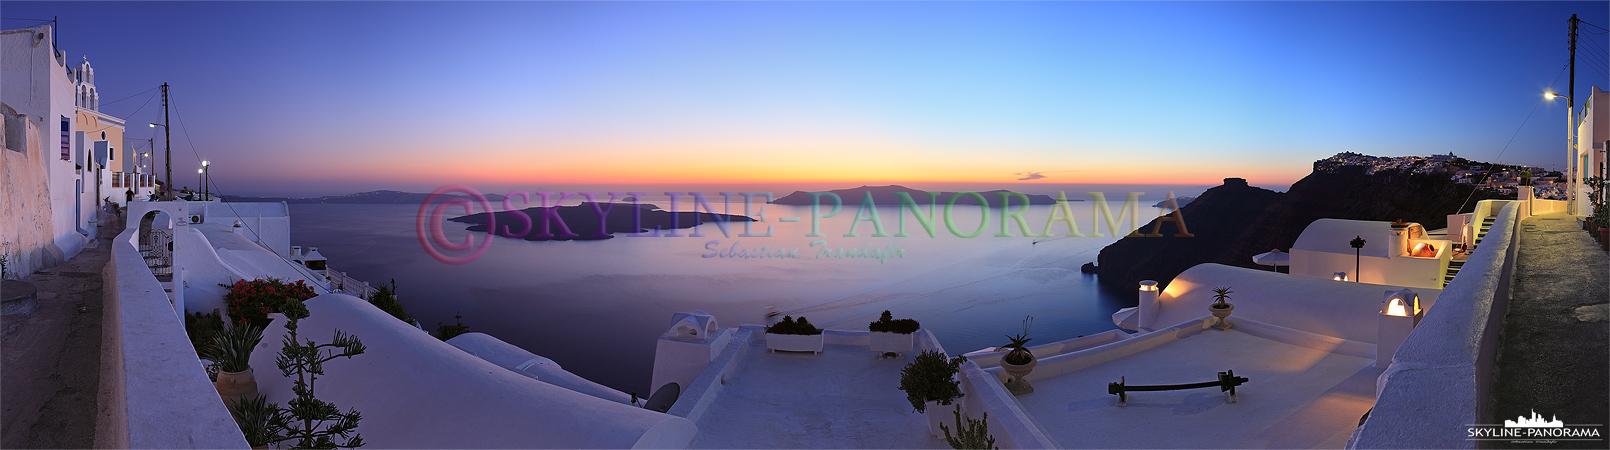 Griechenlands schönste Insel - Viele Aussichtspunkte am Kraterrand in Firostefani bieten zum Sonnenuntergang einen atemberaubenden Ausblick in die Caldera.